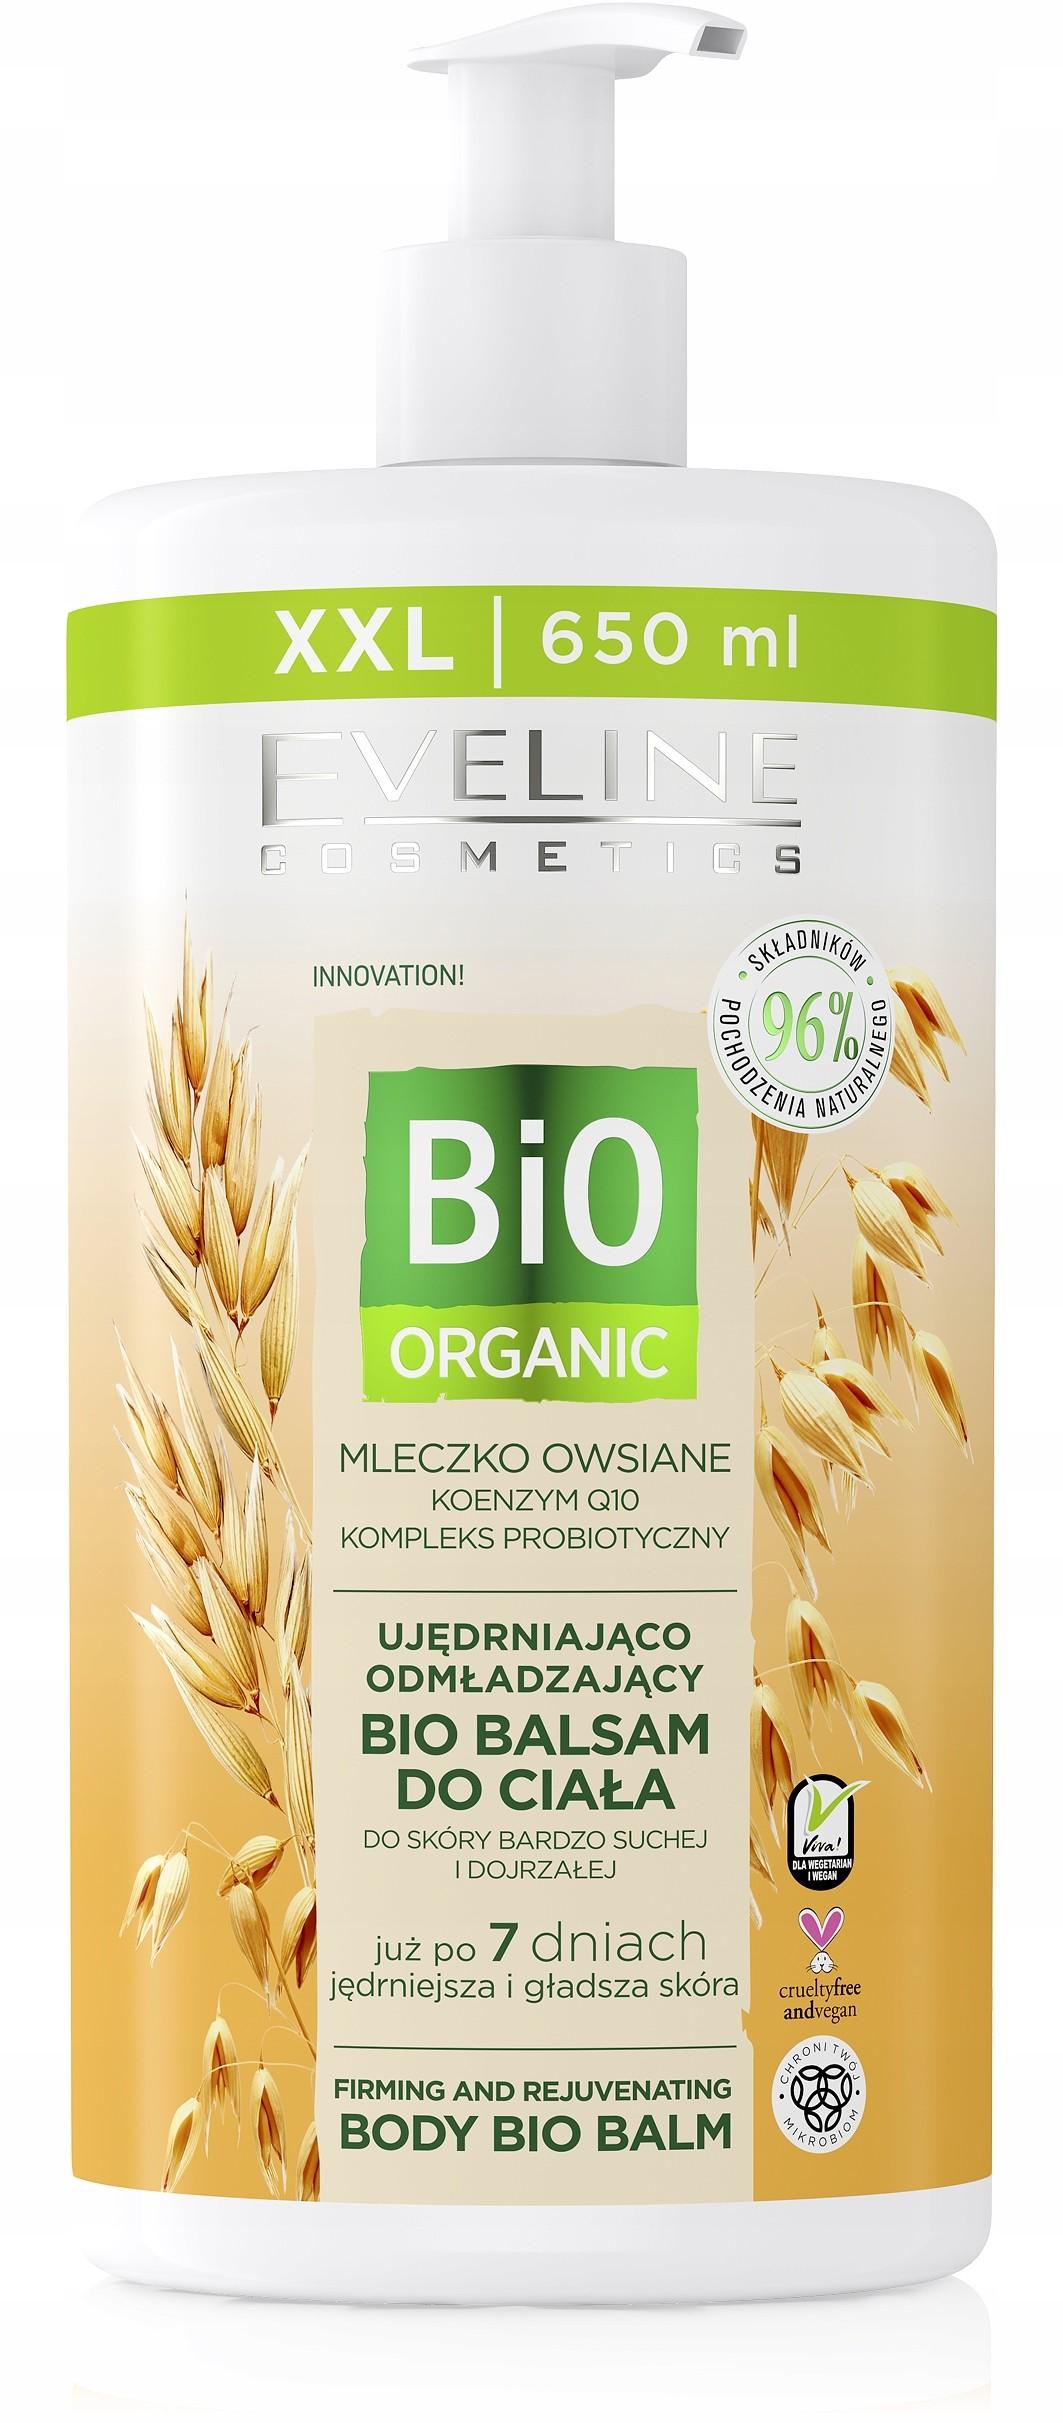 Eveline Bio Organic Balsam Mleczko Owsiane 650ML